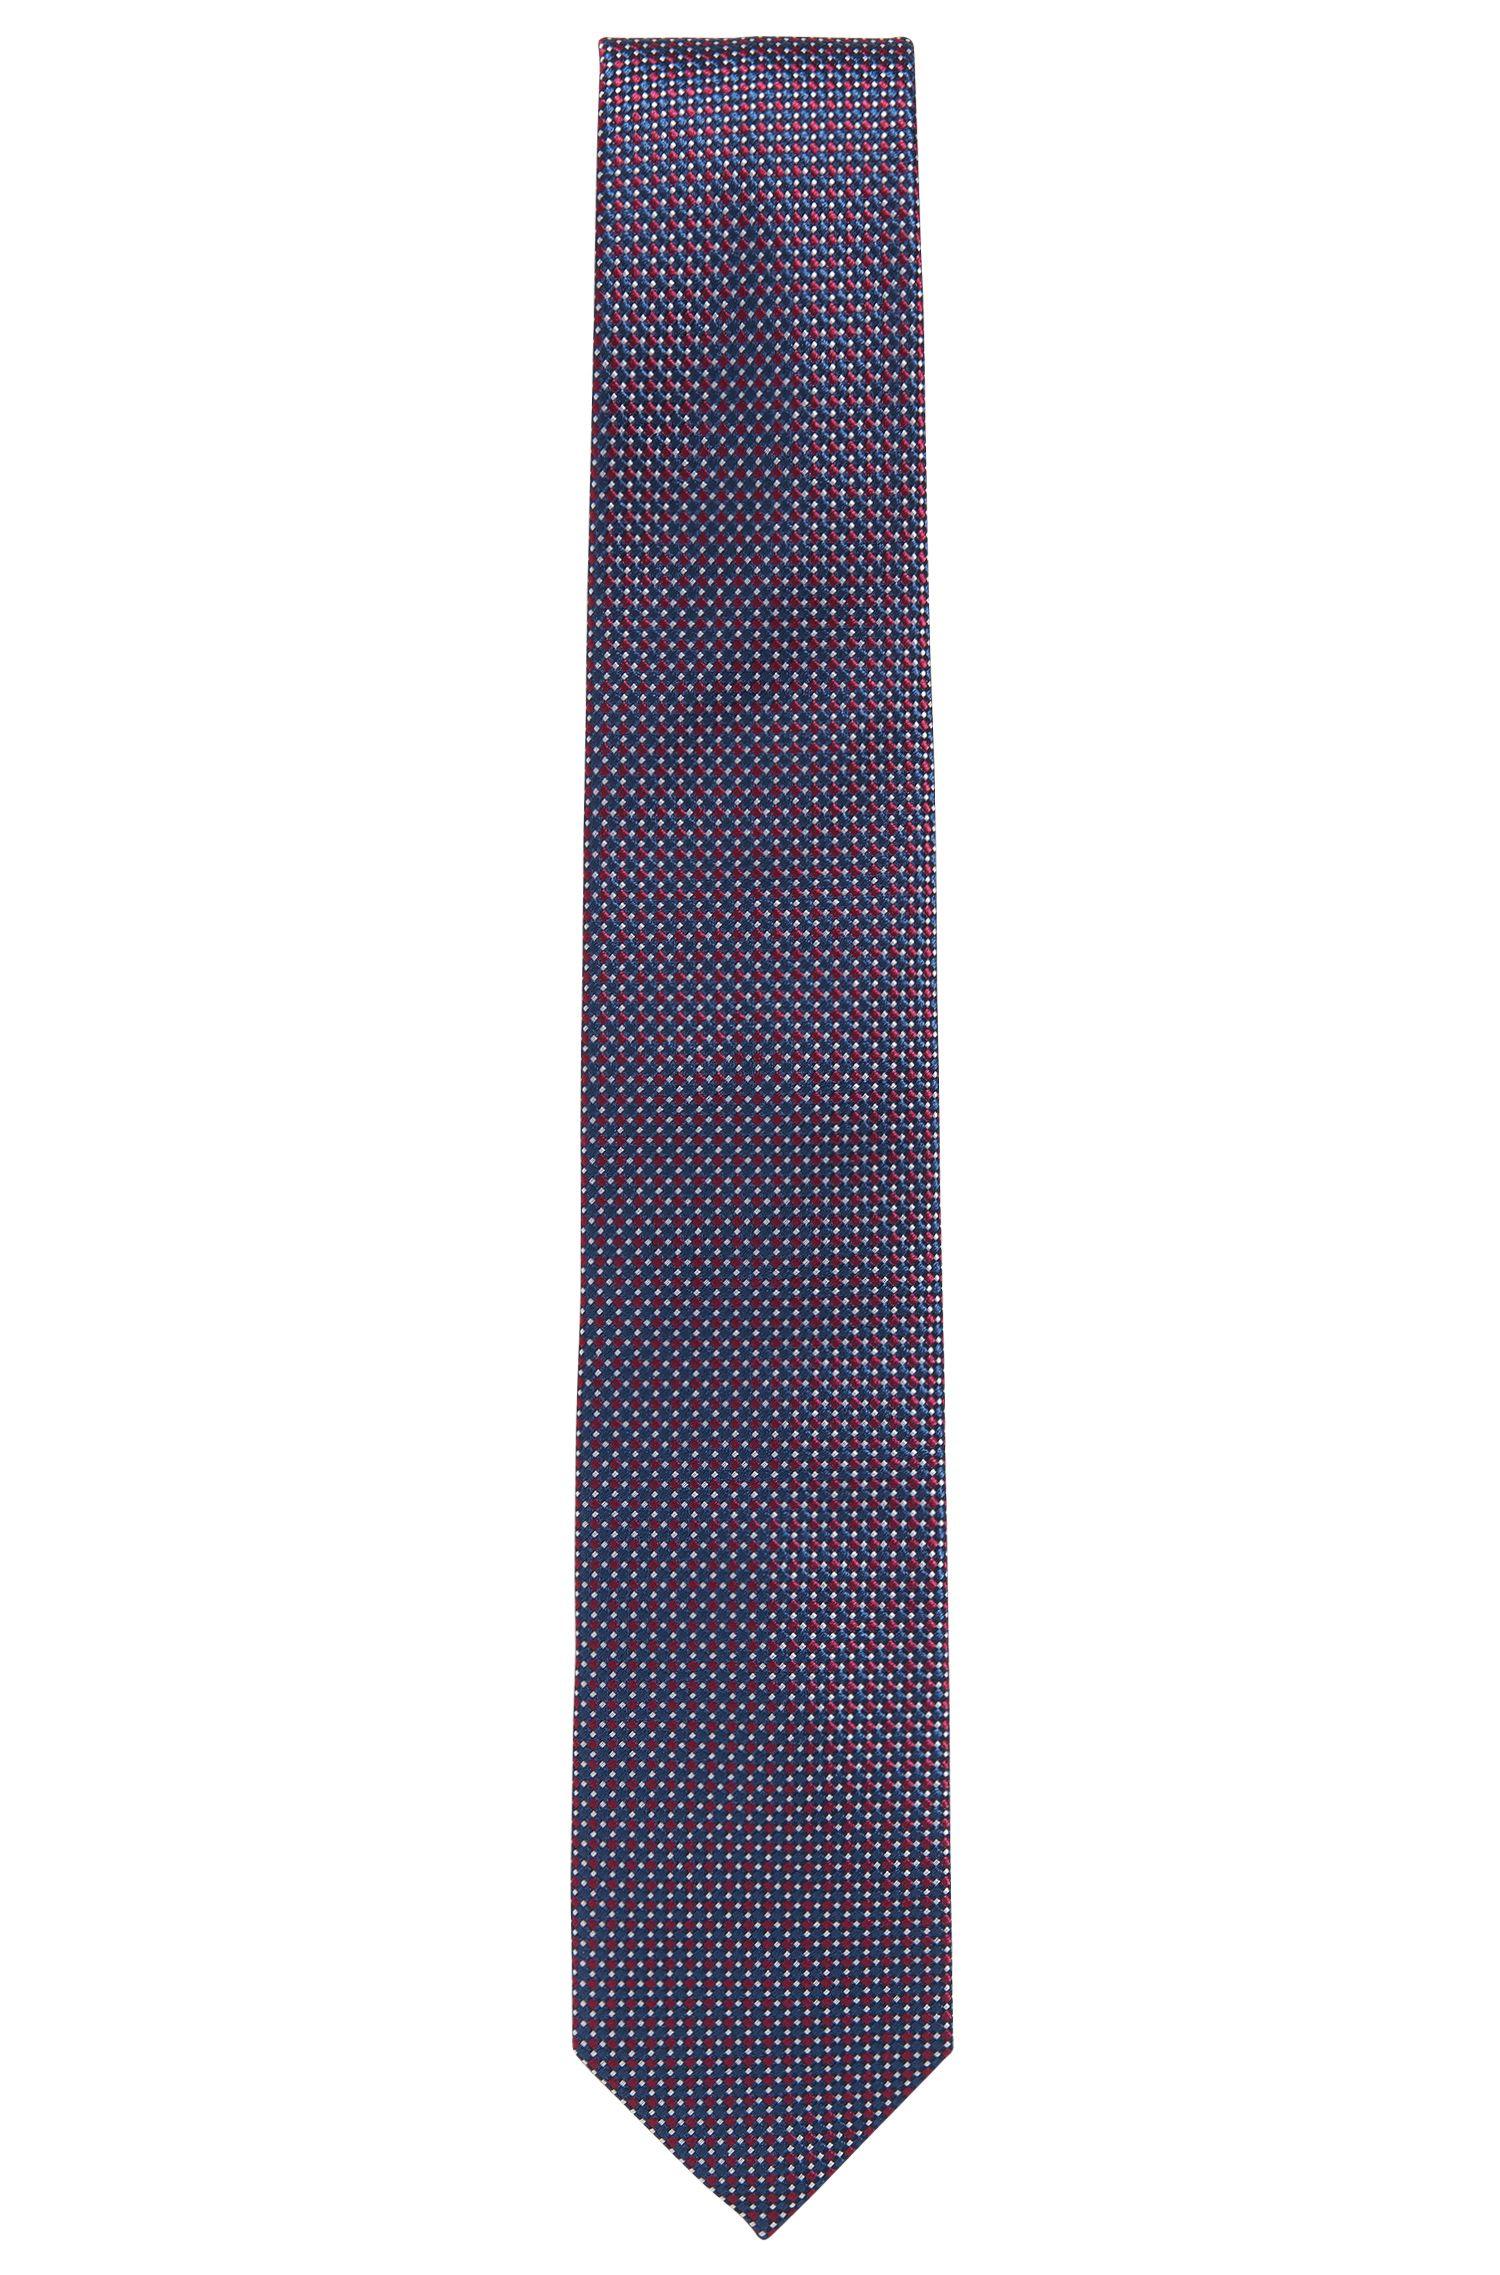 Cravatta con microdisegni in seta pregiata